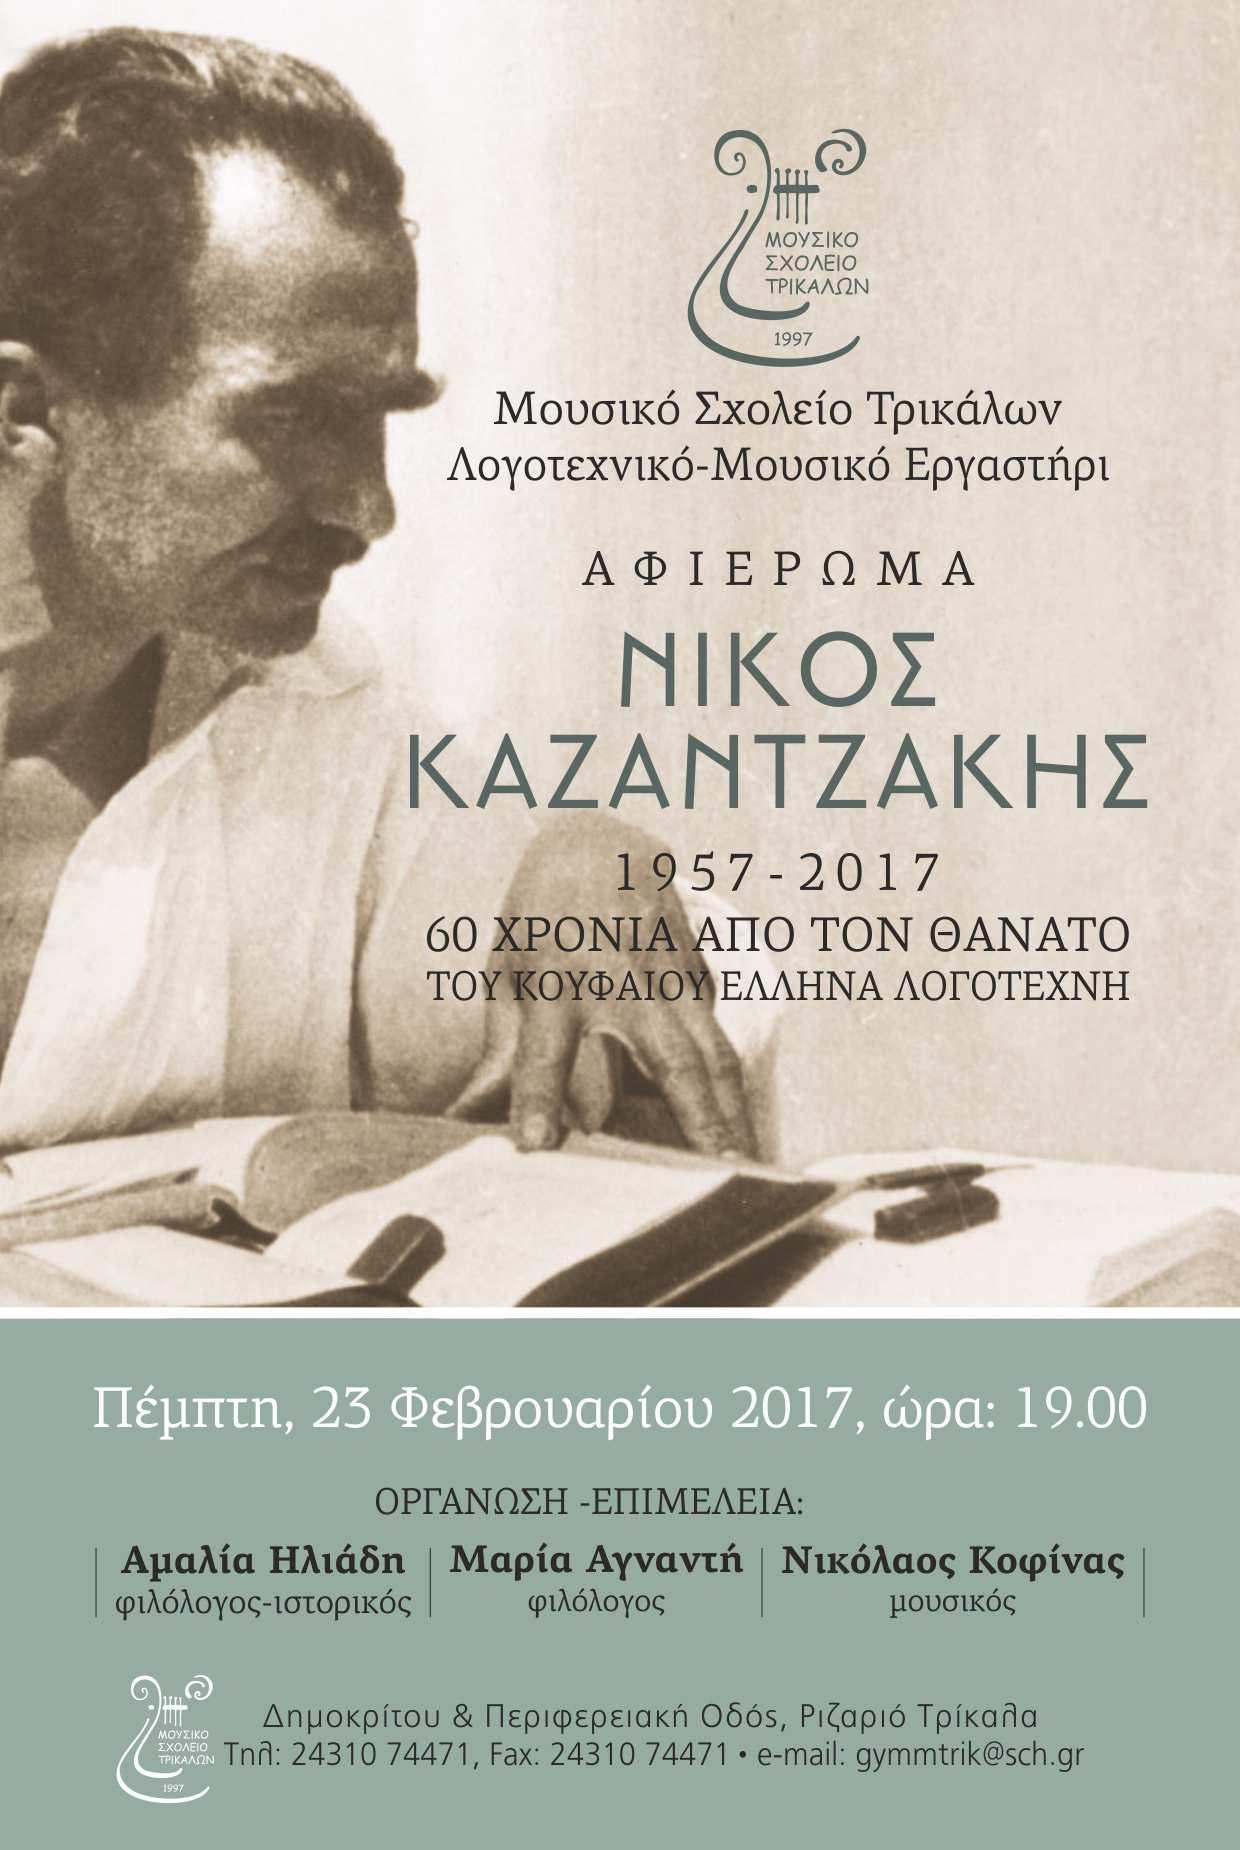 Αφίσα Εκδήλωσης-Αφιερώματος στο Ν. Καζαντζάκη